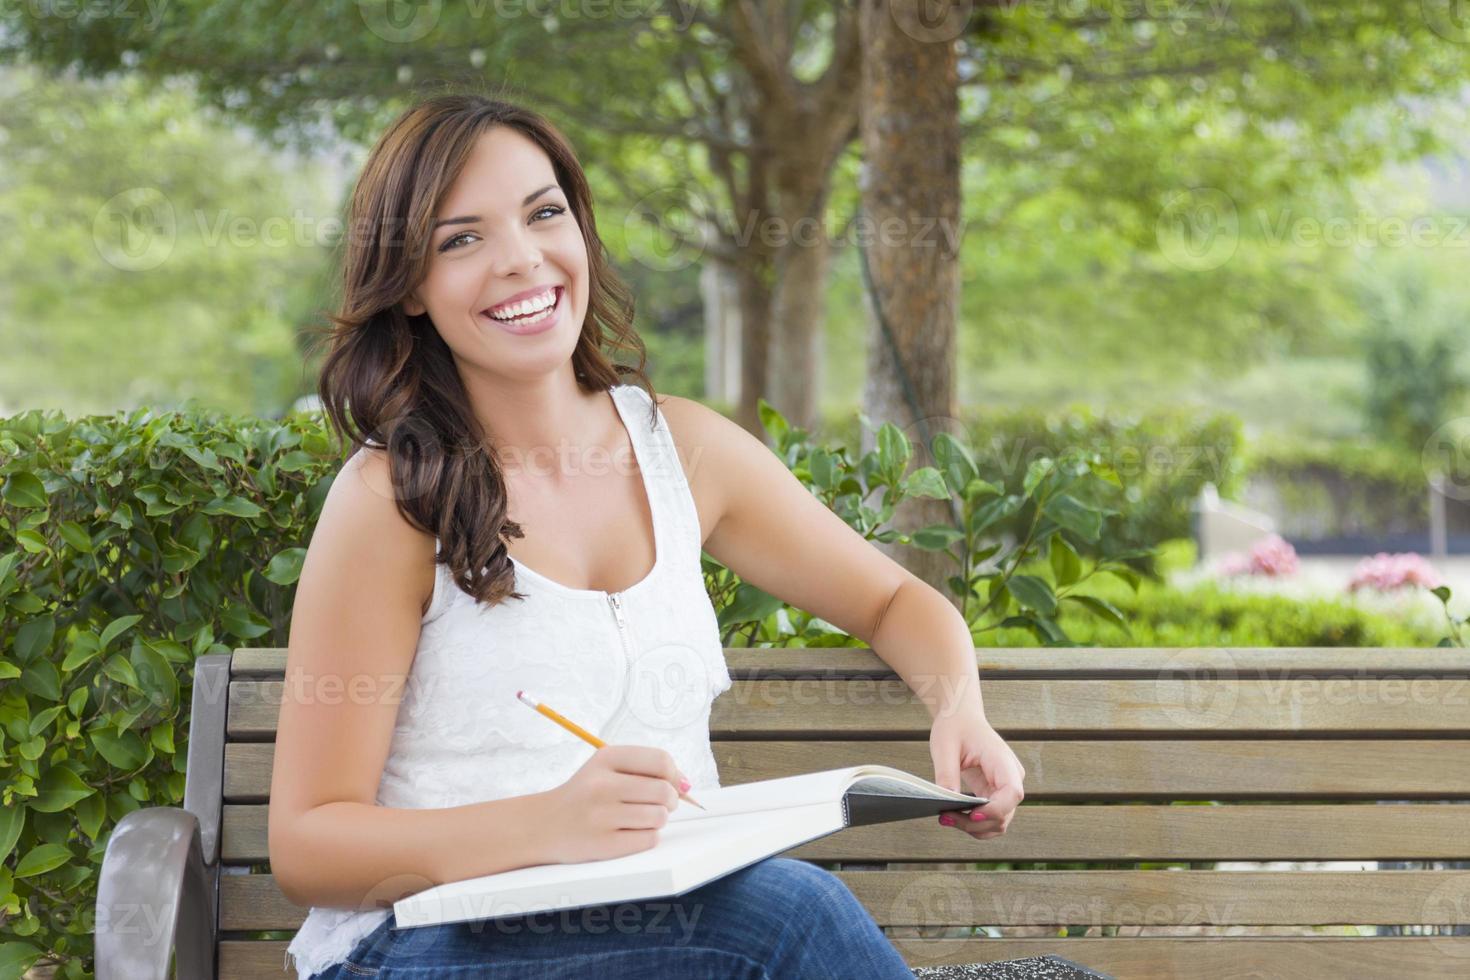 giovane studentessa adulta sul banco all'aperto foto